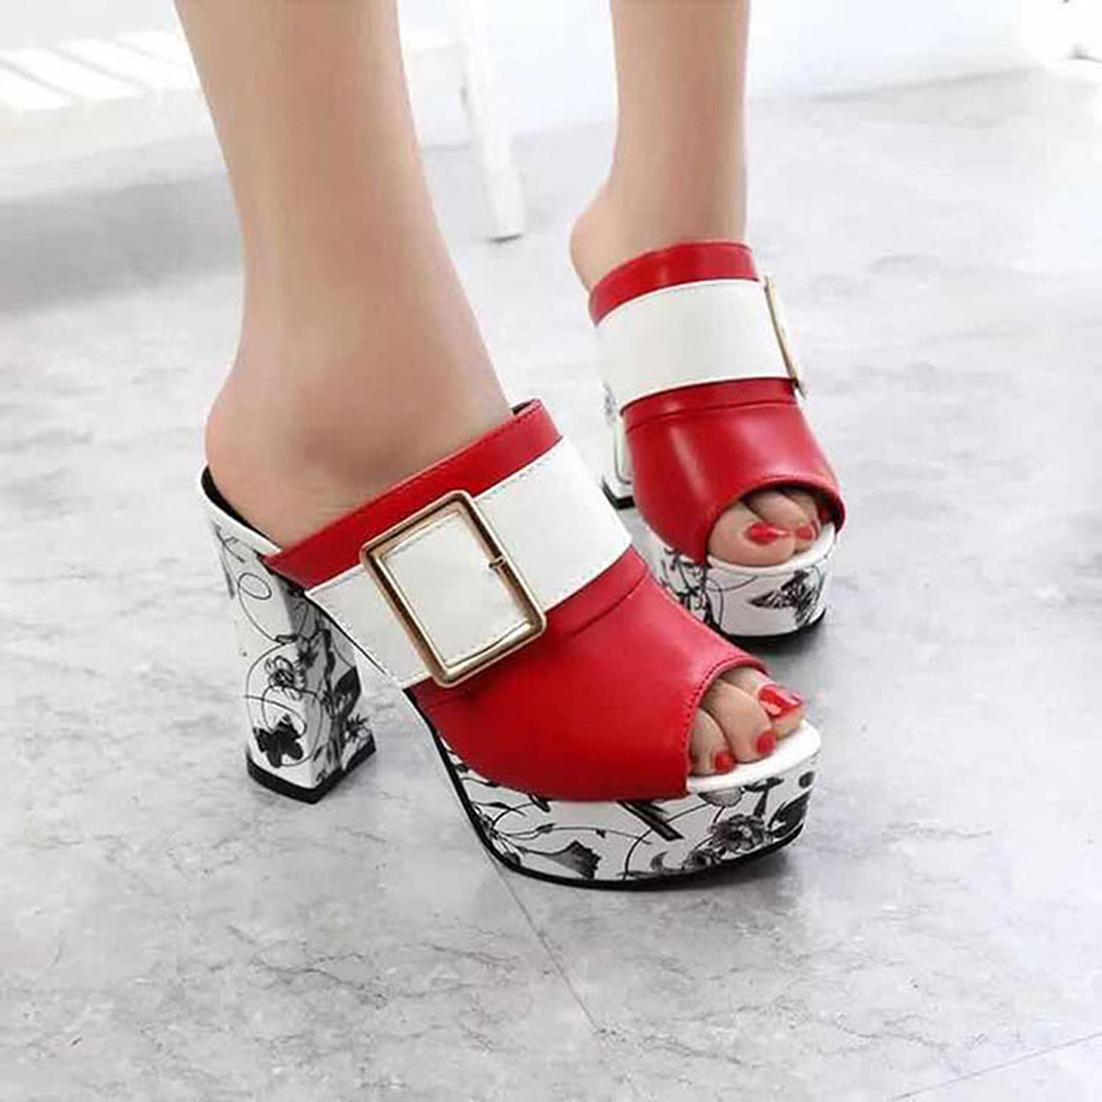 2020 роскошь волшебная палочка белый черный Кескин реальная кожа платформы дизайнер сандалии женщин ботинки размер 35-41 tradingbear 11P544